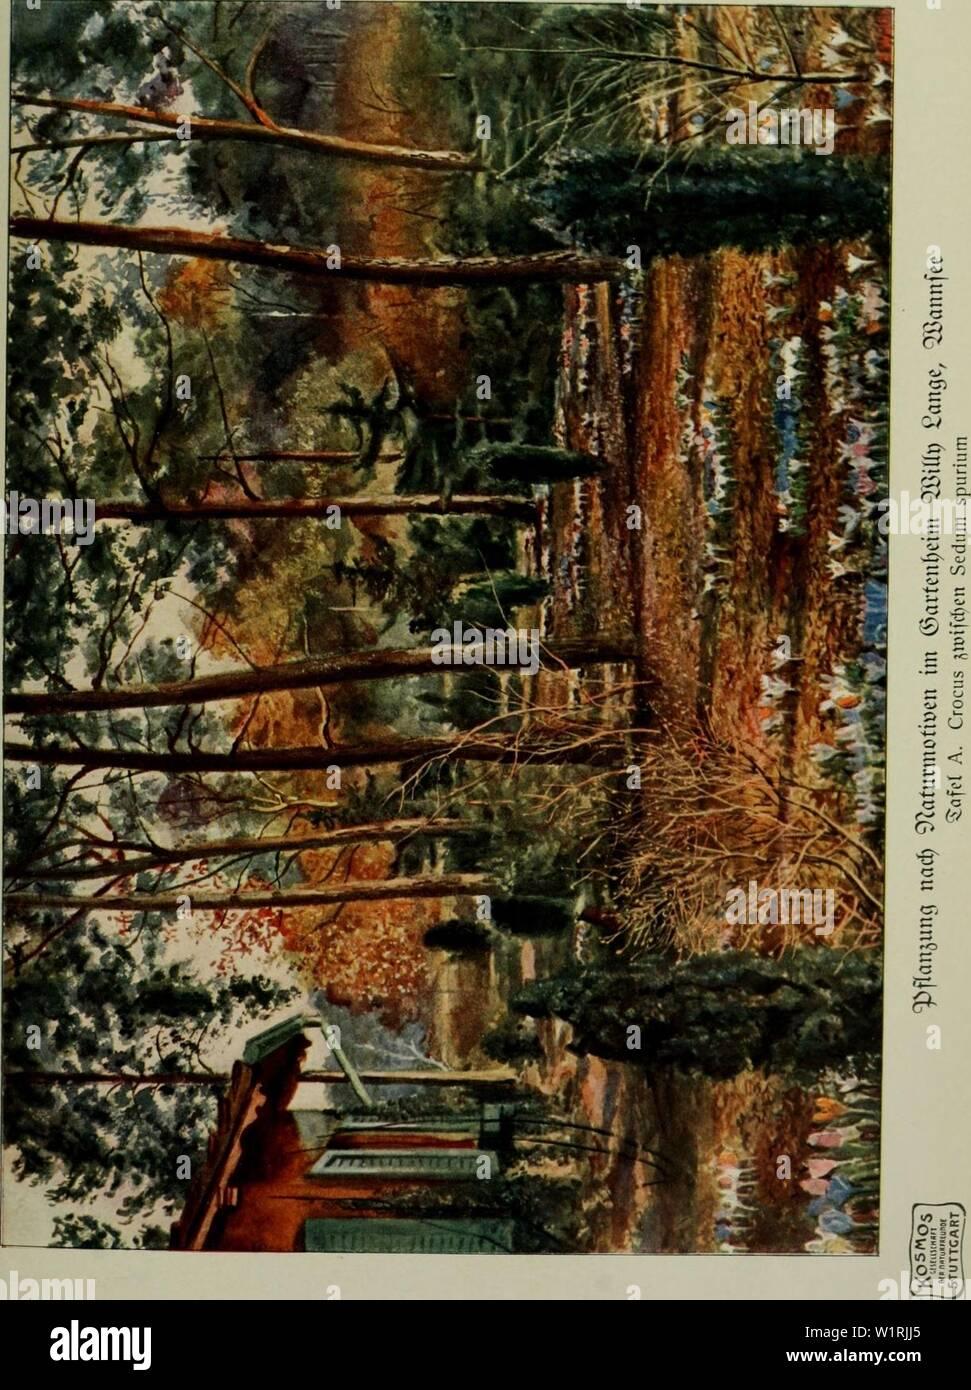 Image d'archive à partir de la page 66 du Das Leben der Pflanze (1906). Das Leben der Pflanze daslebenderpflan07fran Année: 1906 Banque D'Images